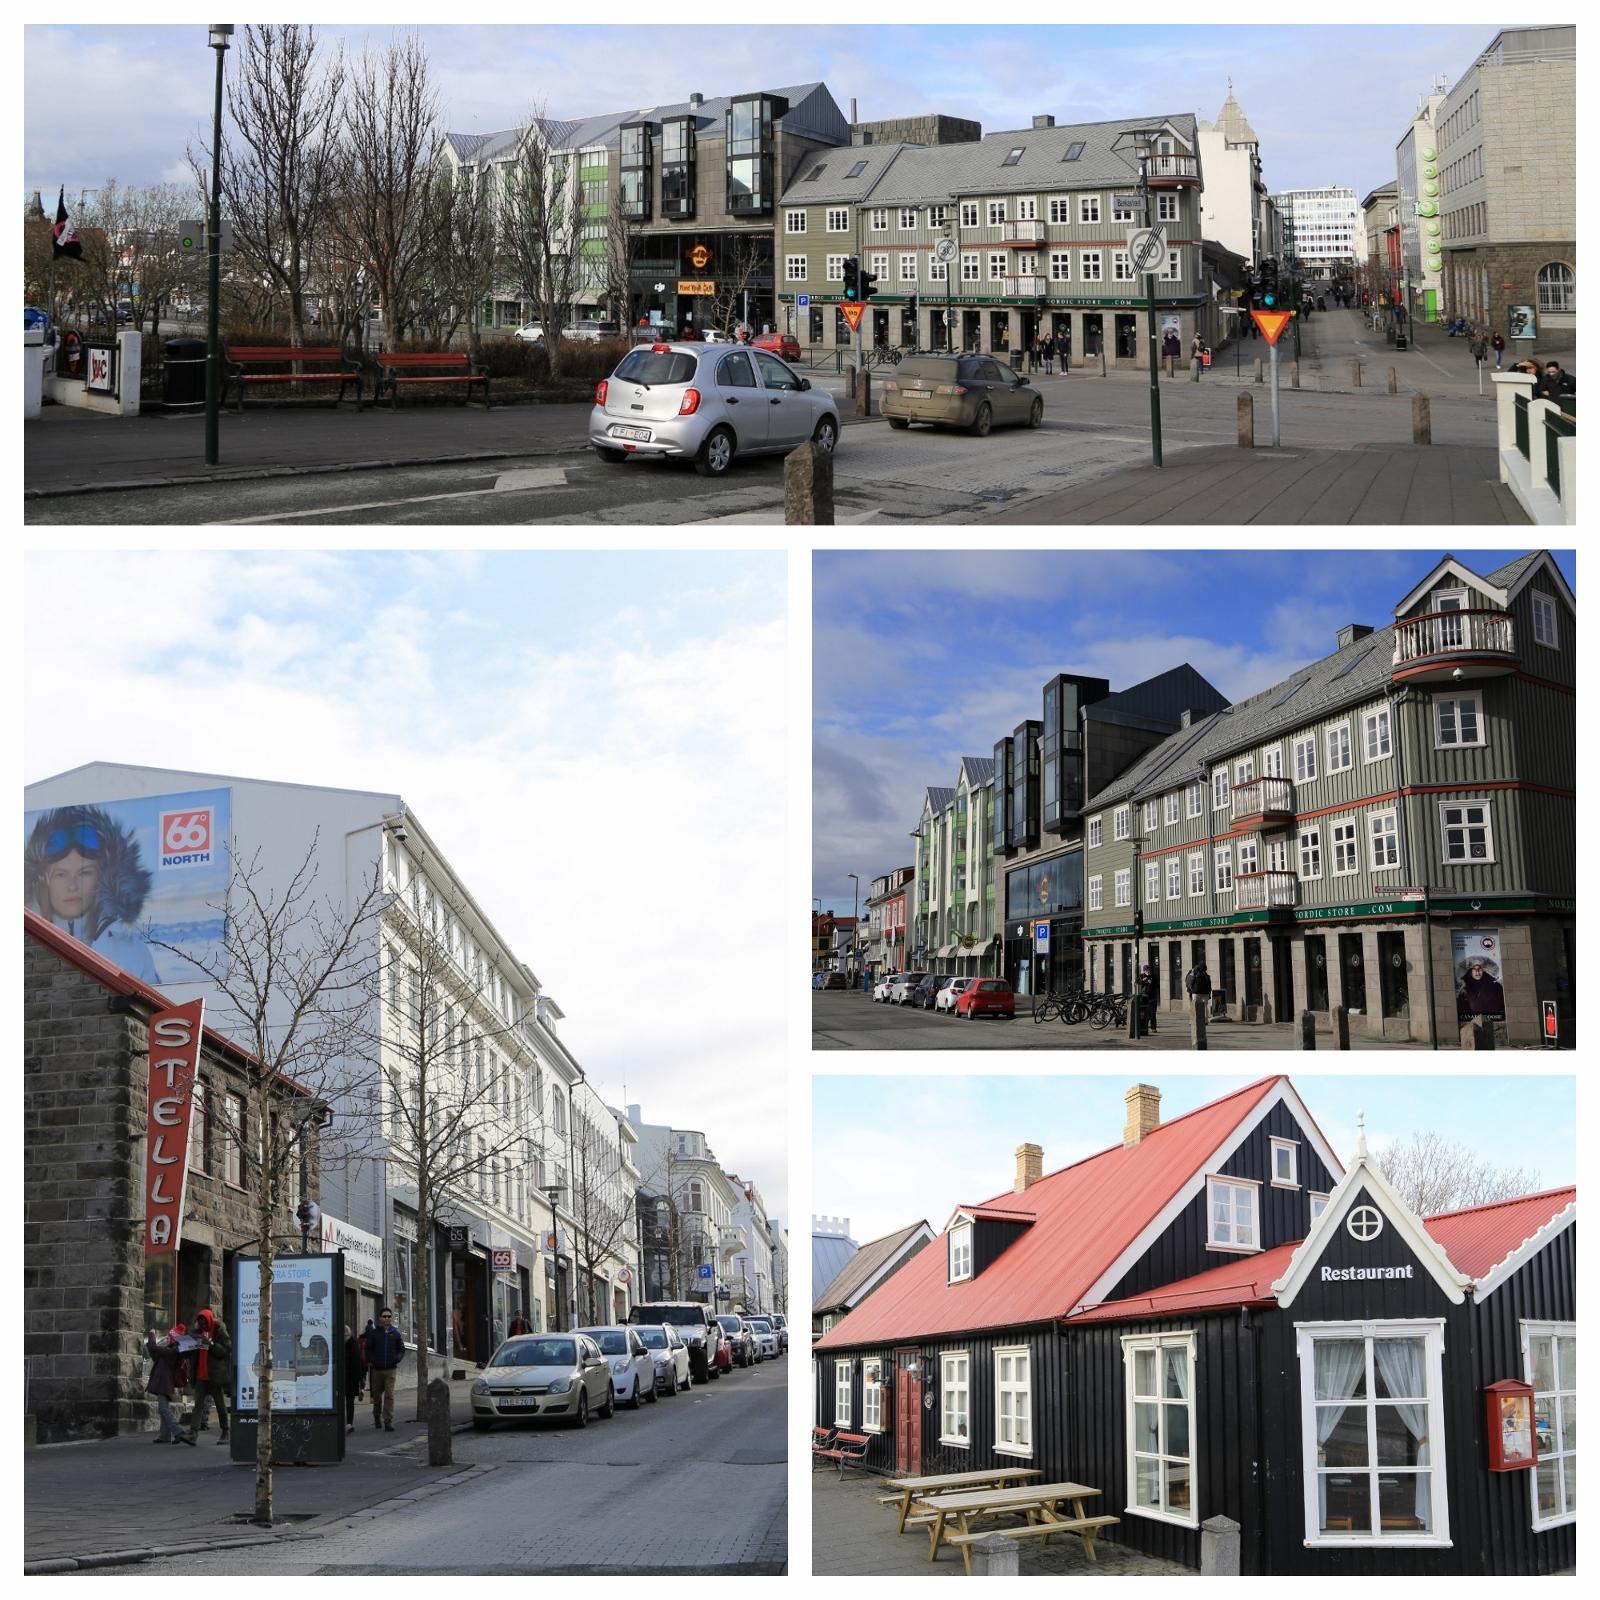 Reykjavik_02_1600x1600